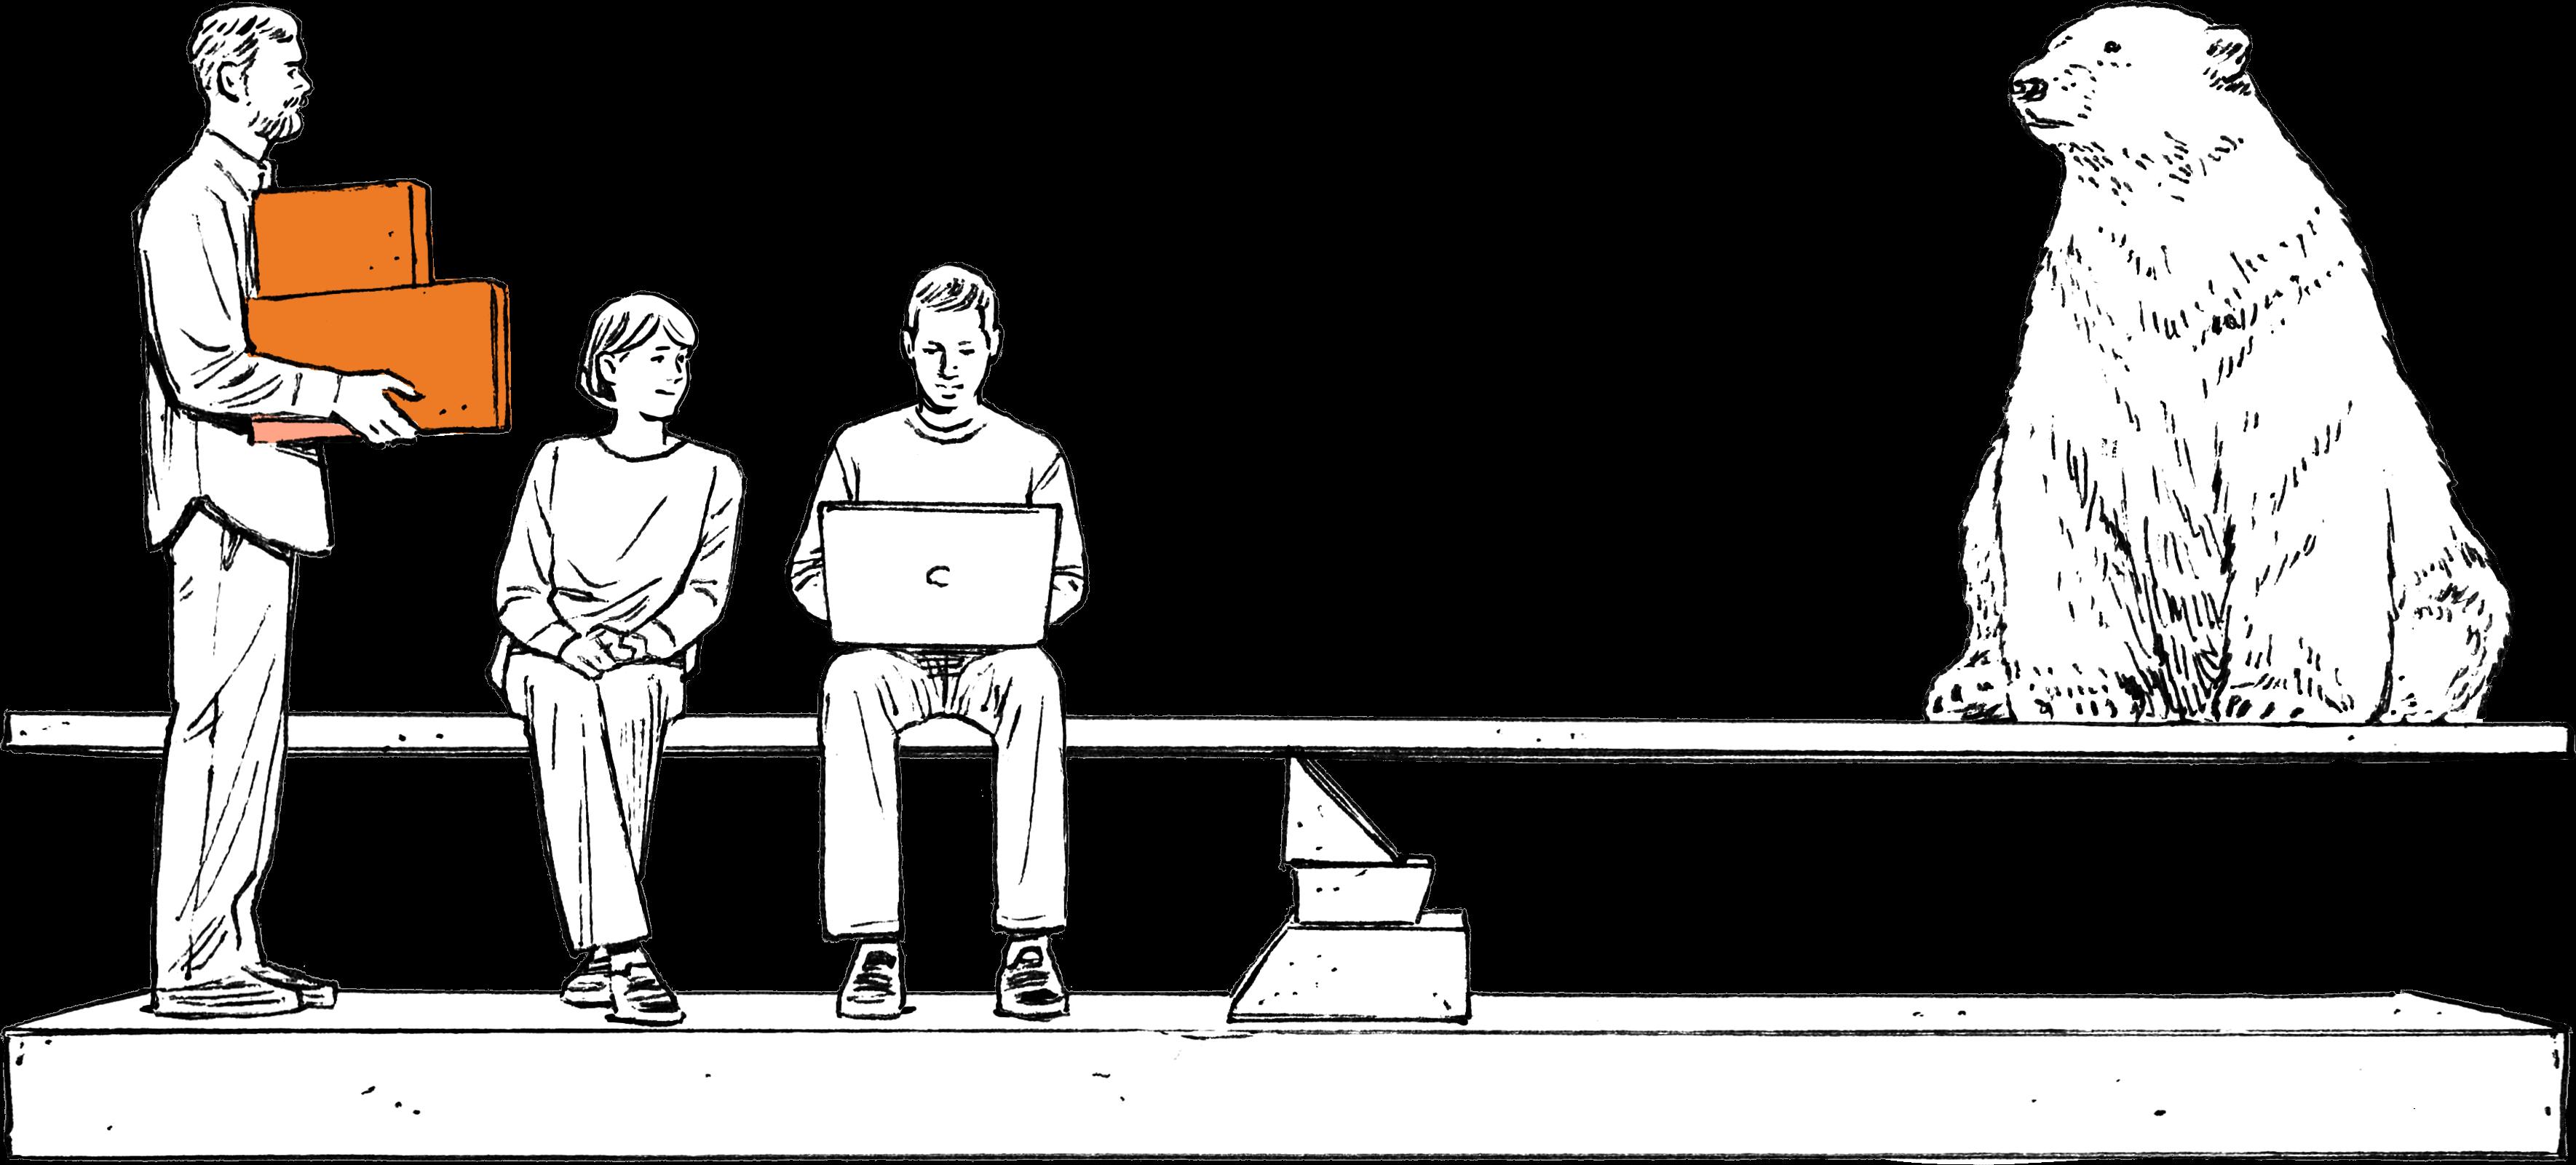 イラスト:「感性と理論のオフィスづくり」